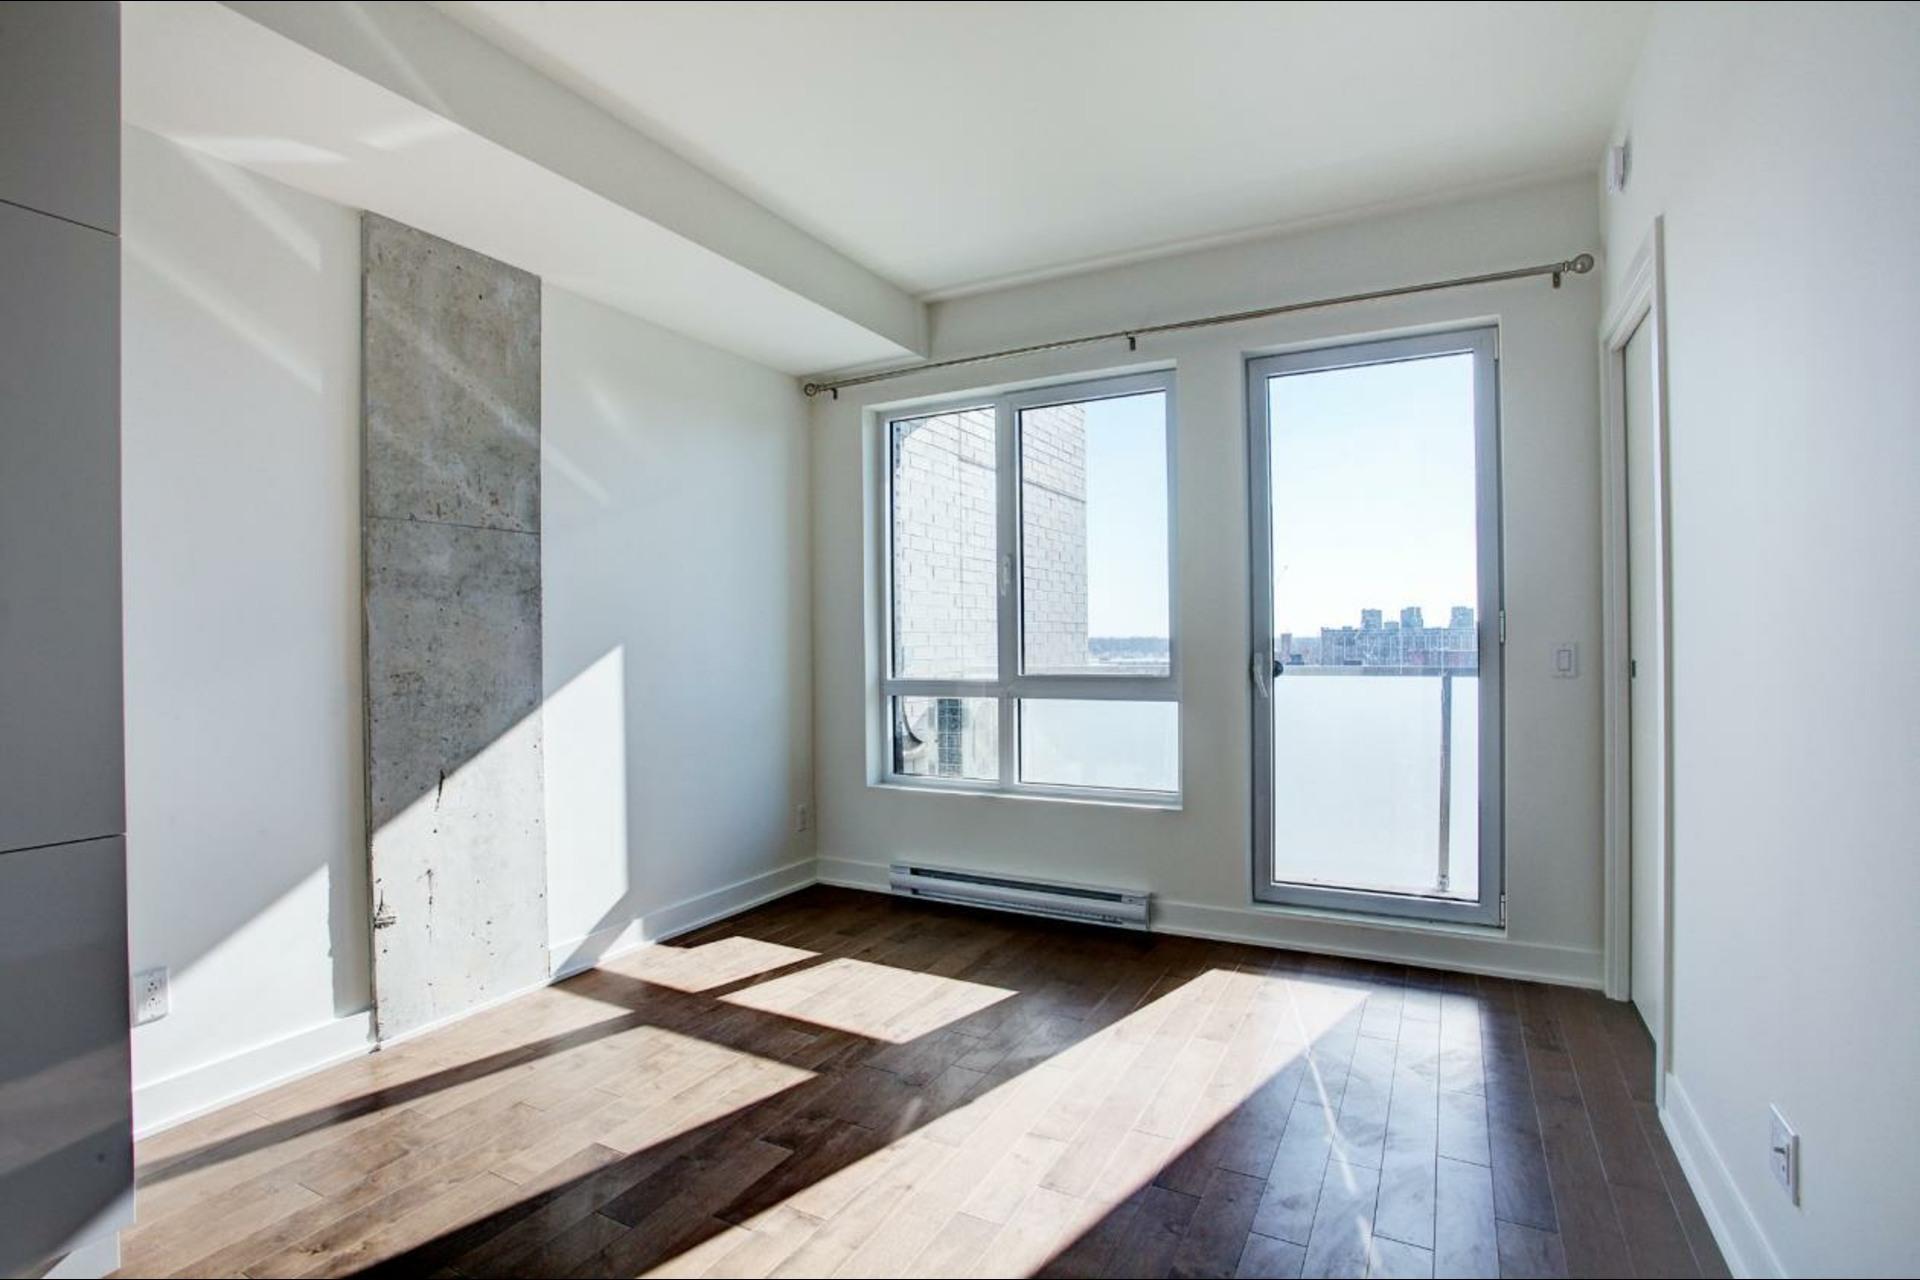 image 7 - Condo For sale Montréal - 3 rooms